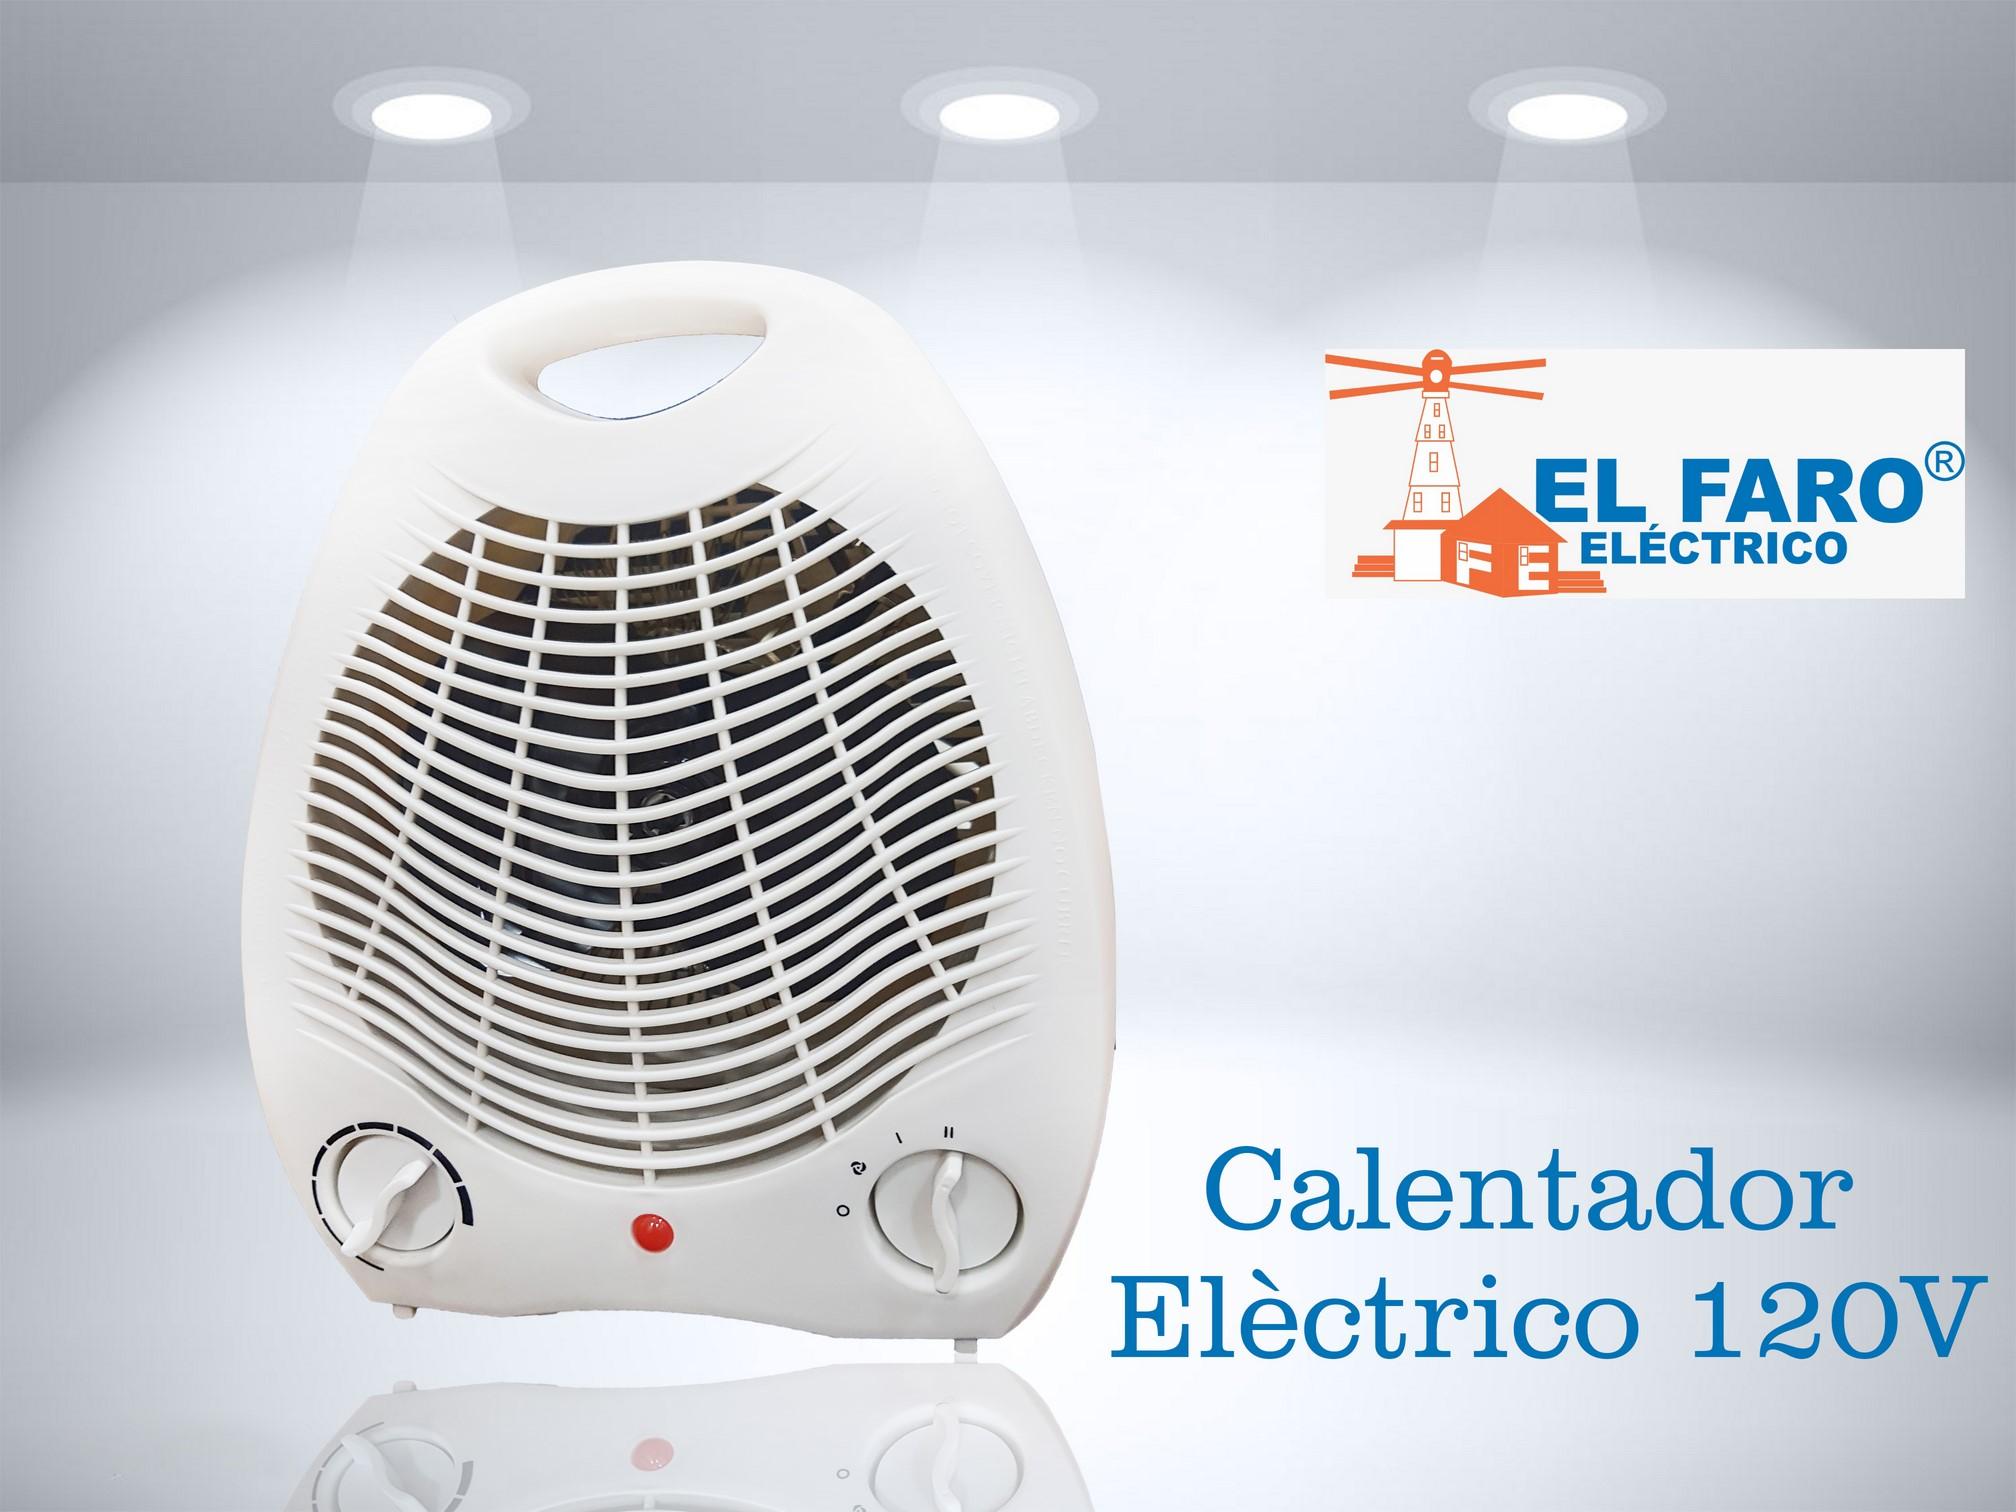 Calentador eléctrico 120V